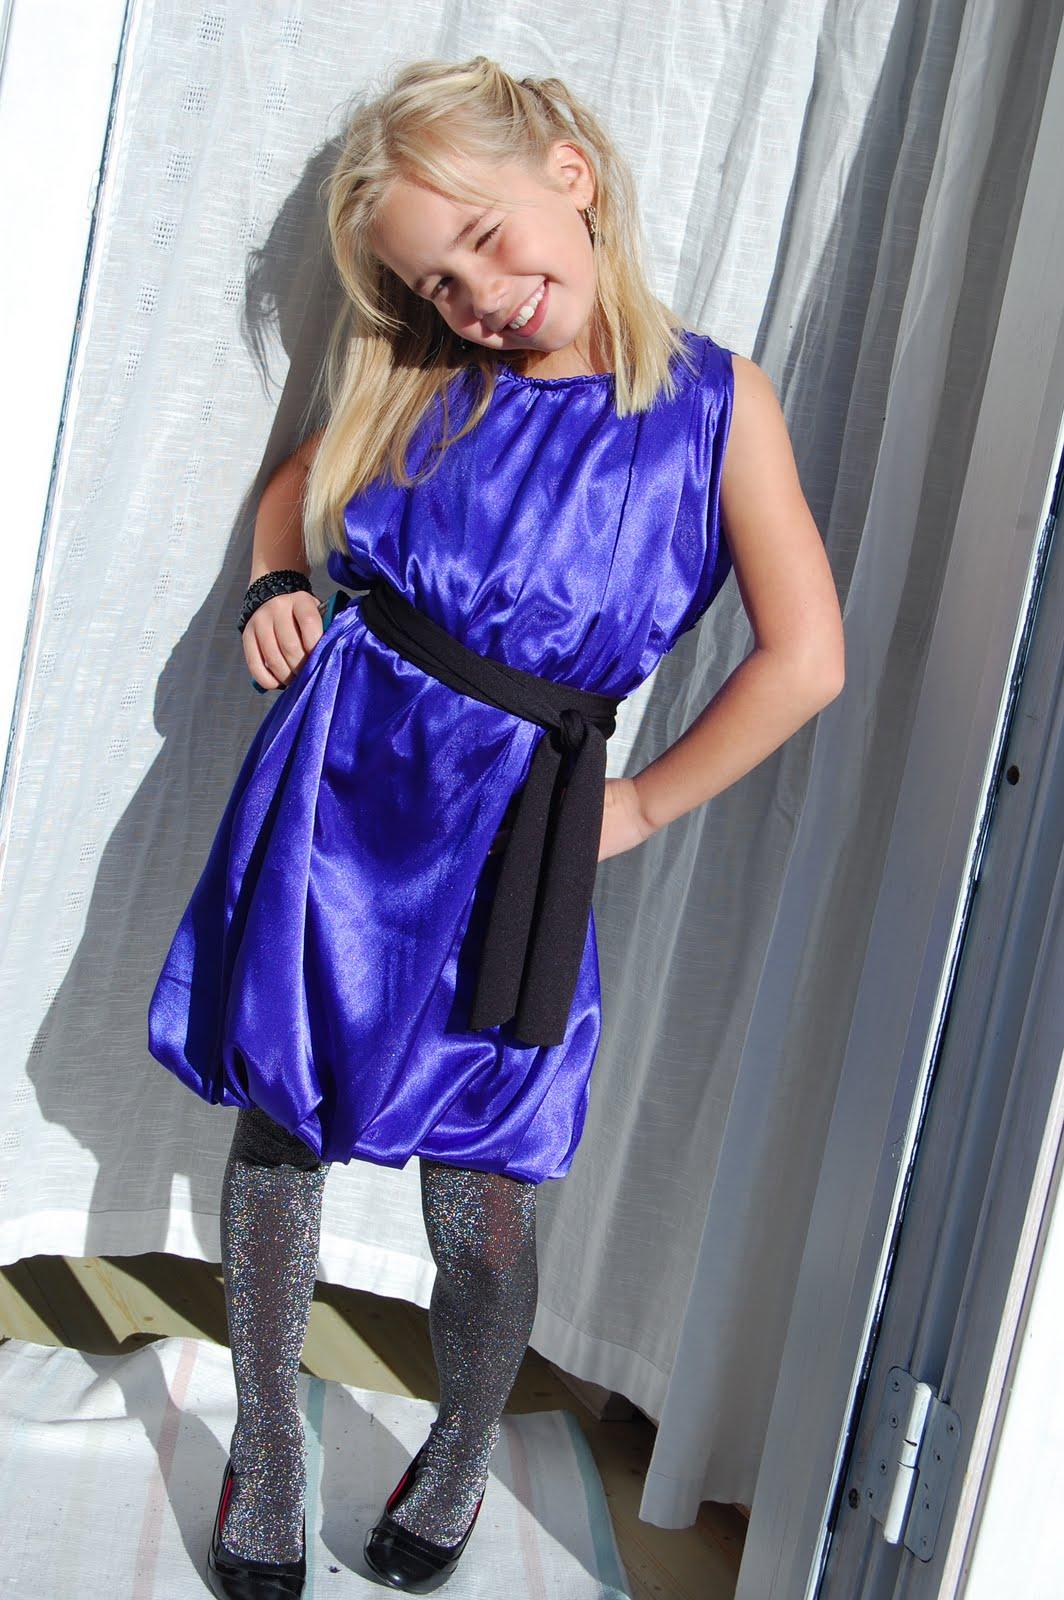 kjoler til jenter 11 år nesoddtangen